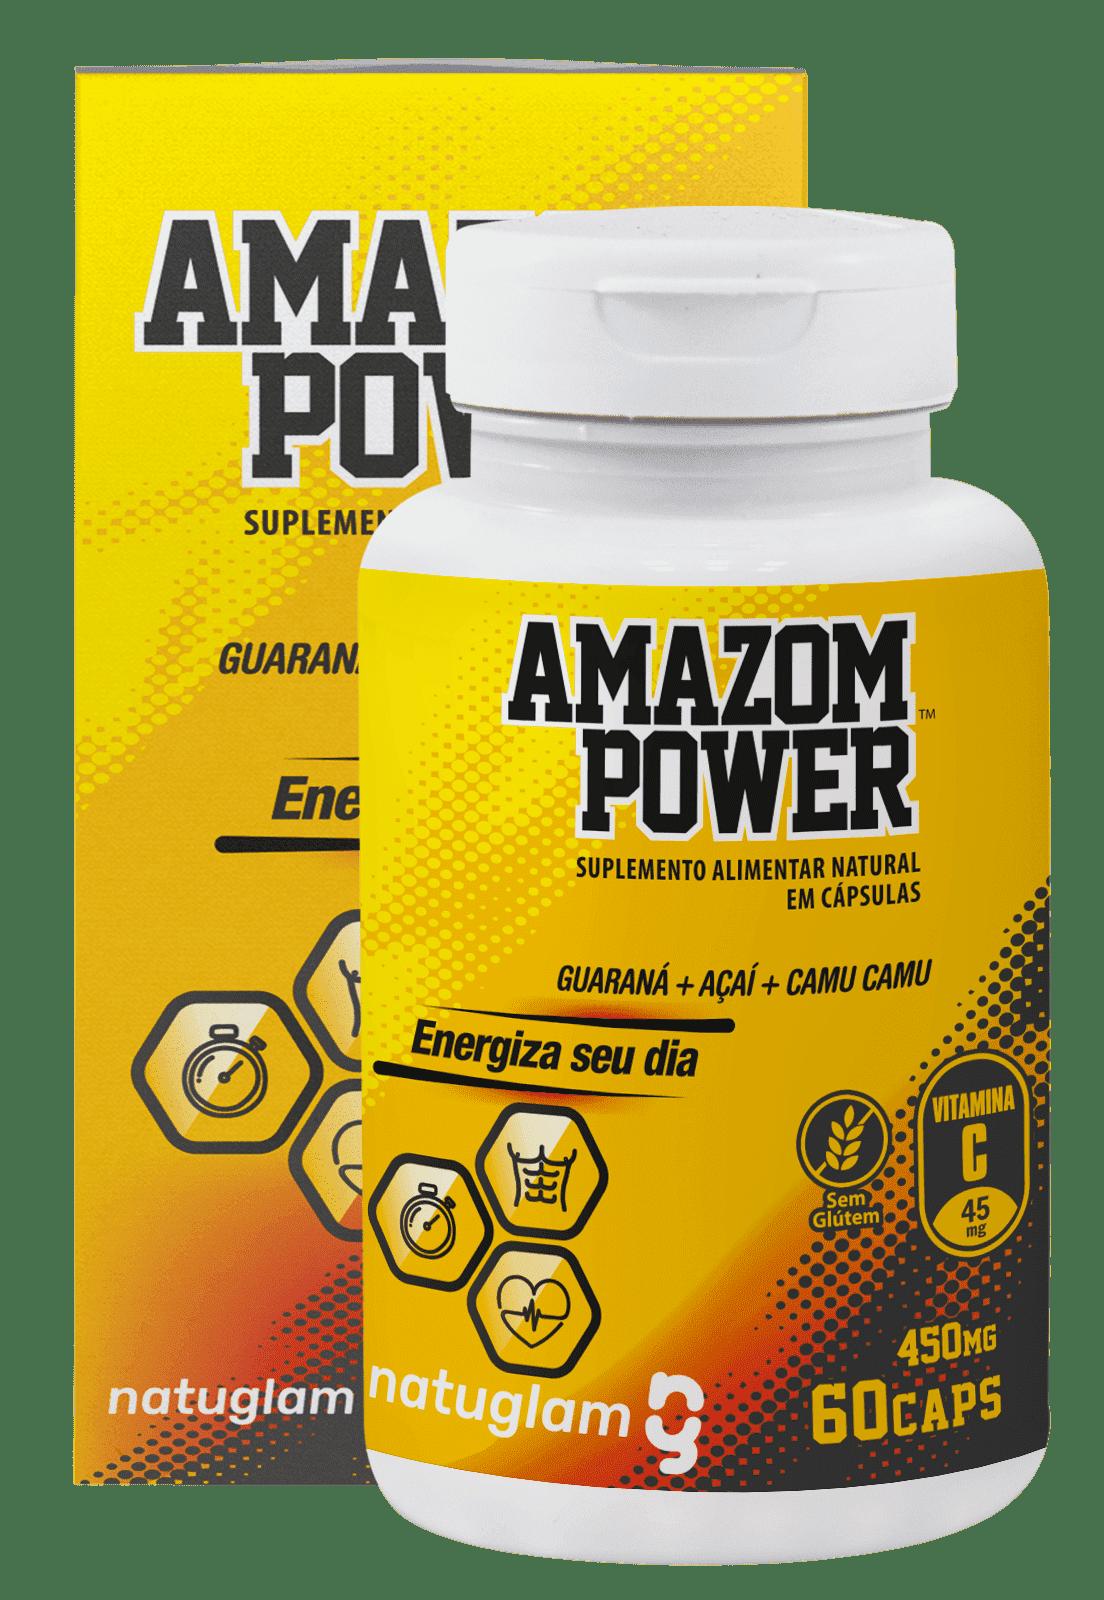 Amazom Power 60 Cáps - 500mg.